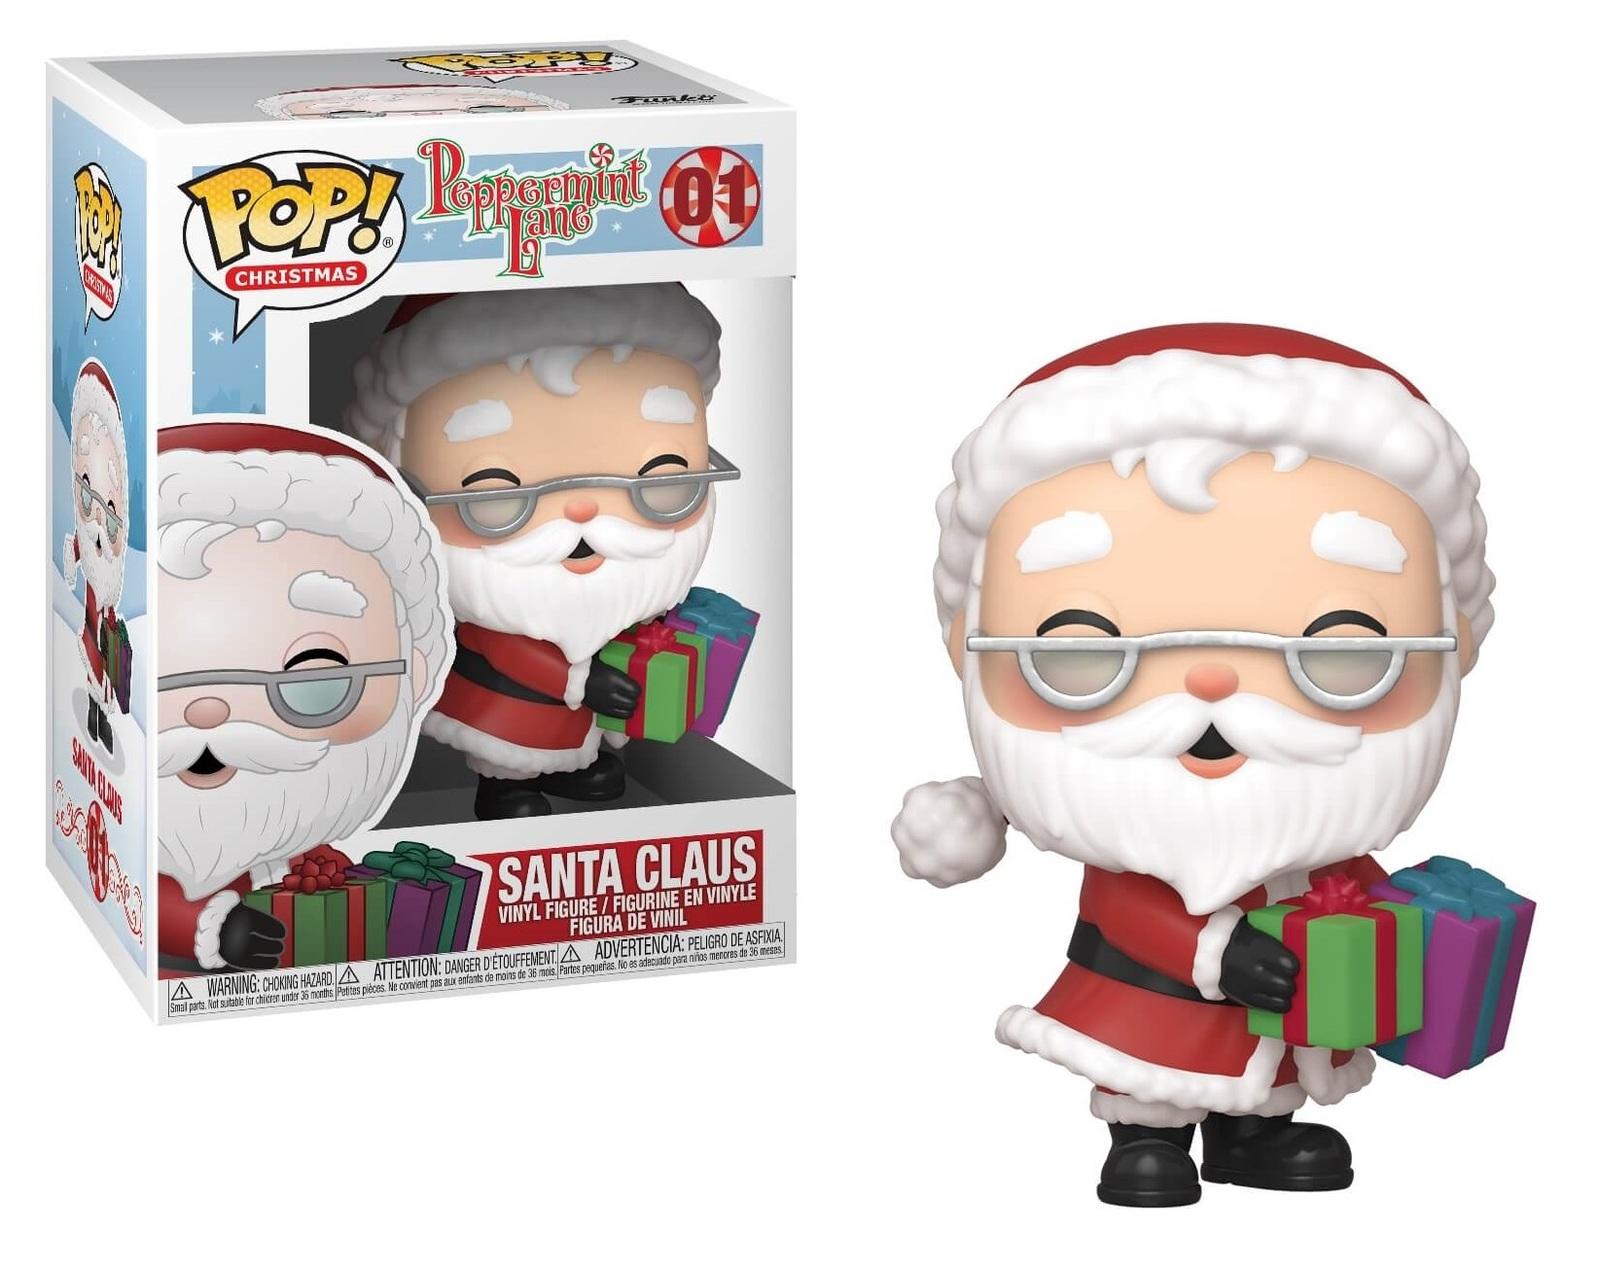 Peppermint Lane: Santa Claus - Pop! Vinyl Figure image